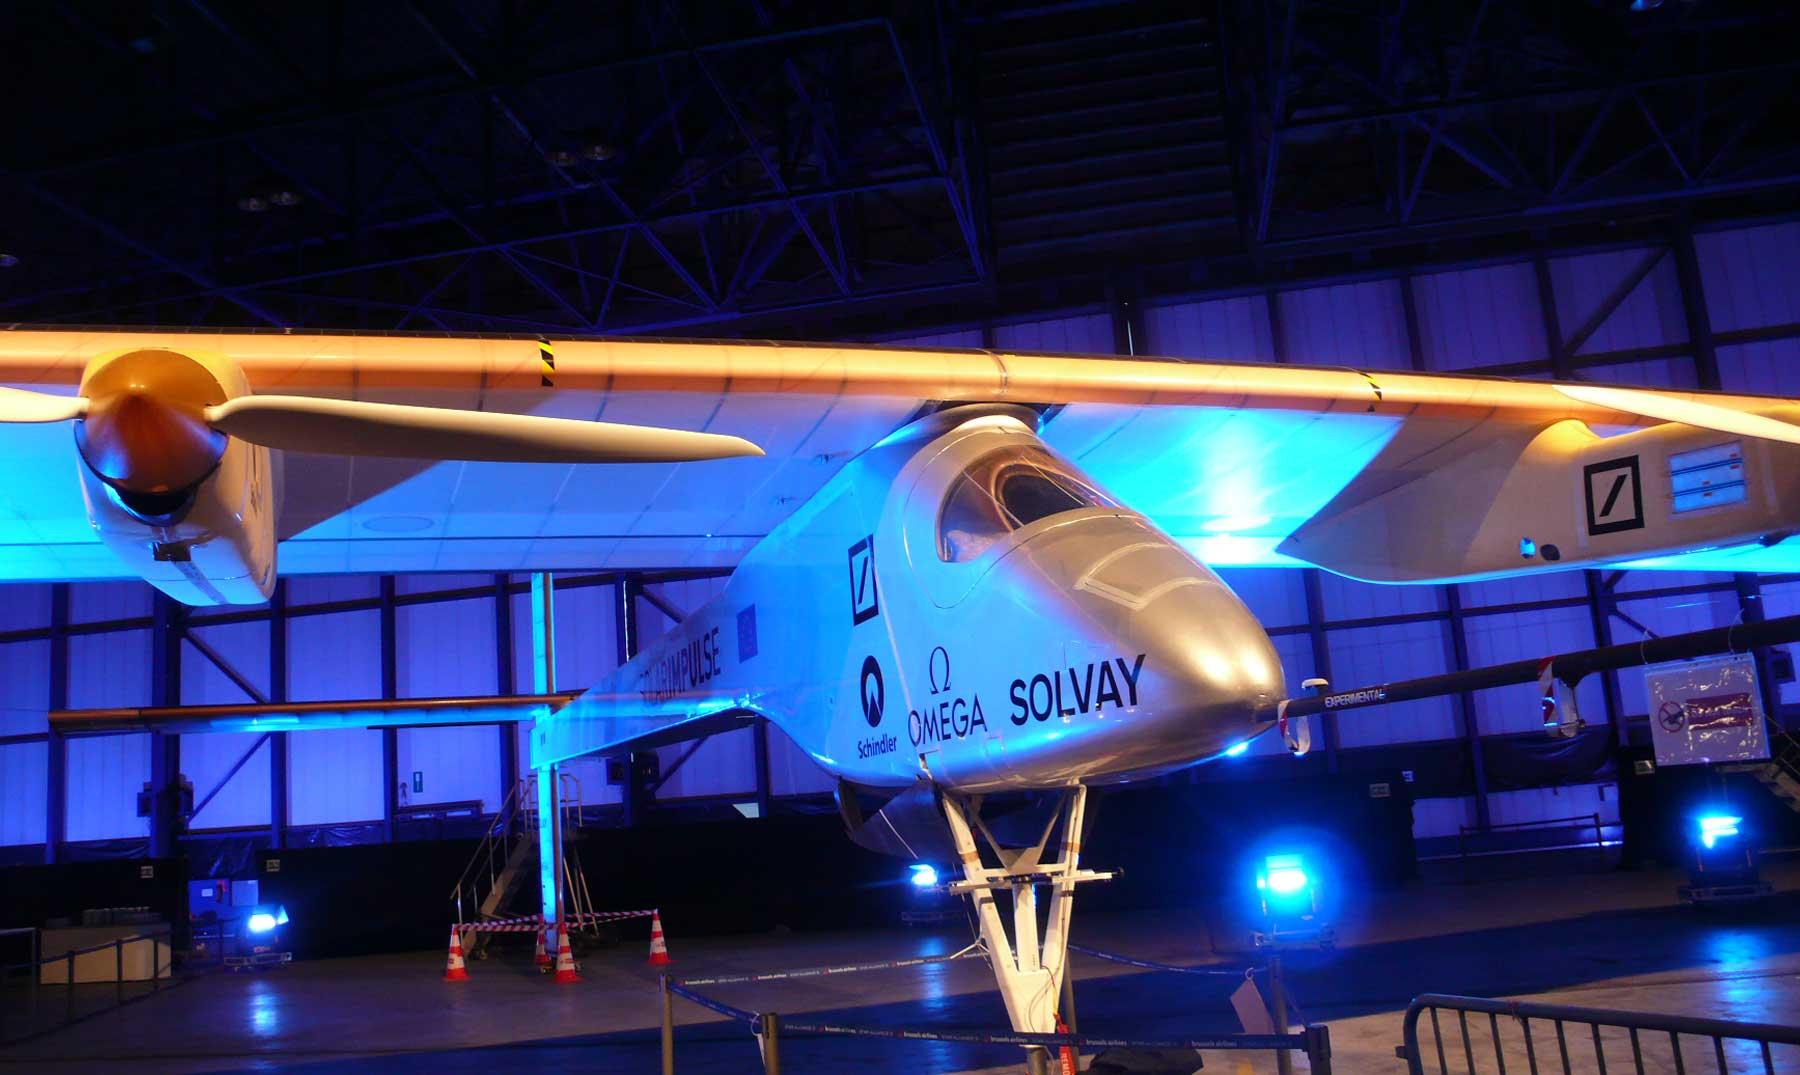 Avión solar ya cruza el océano